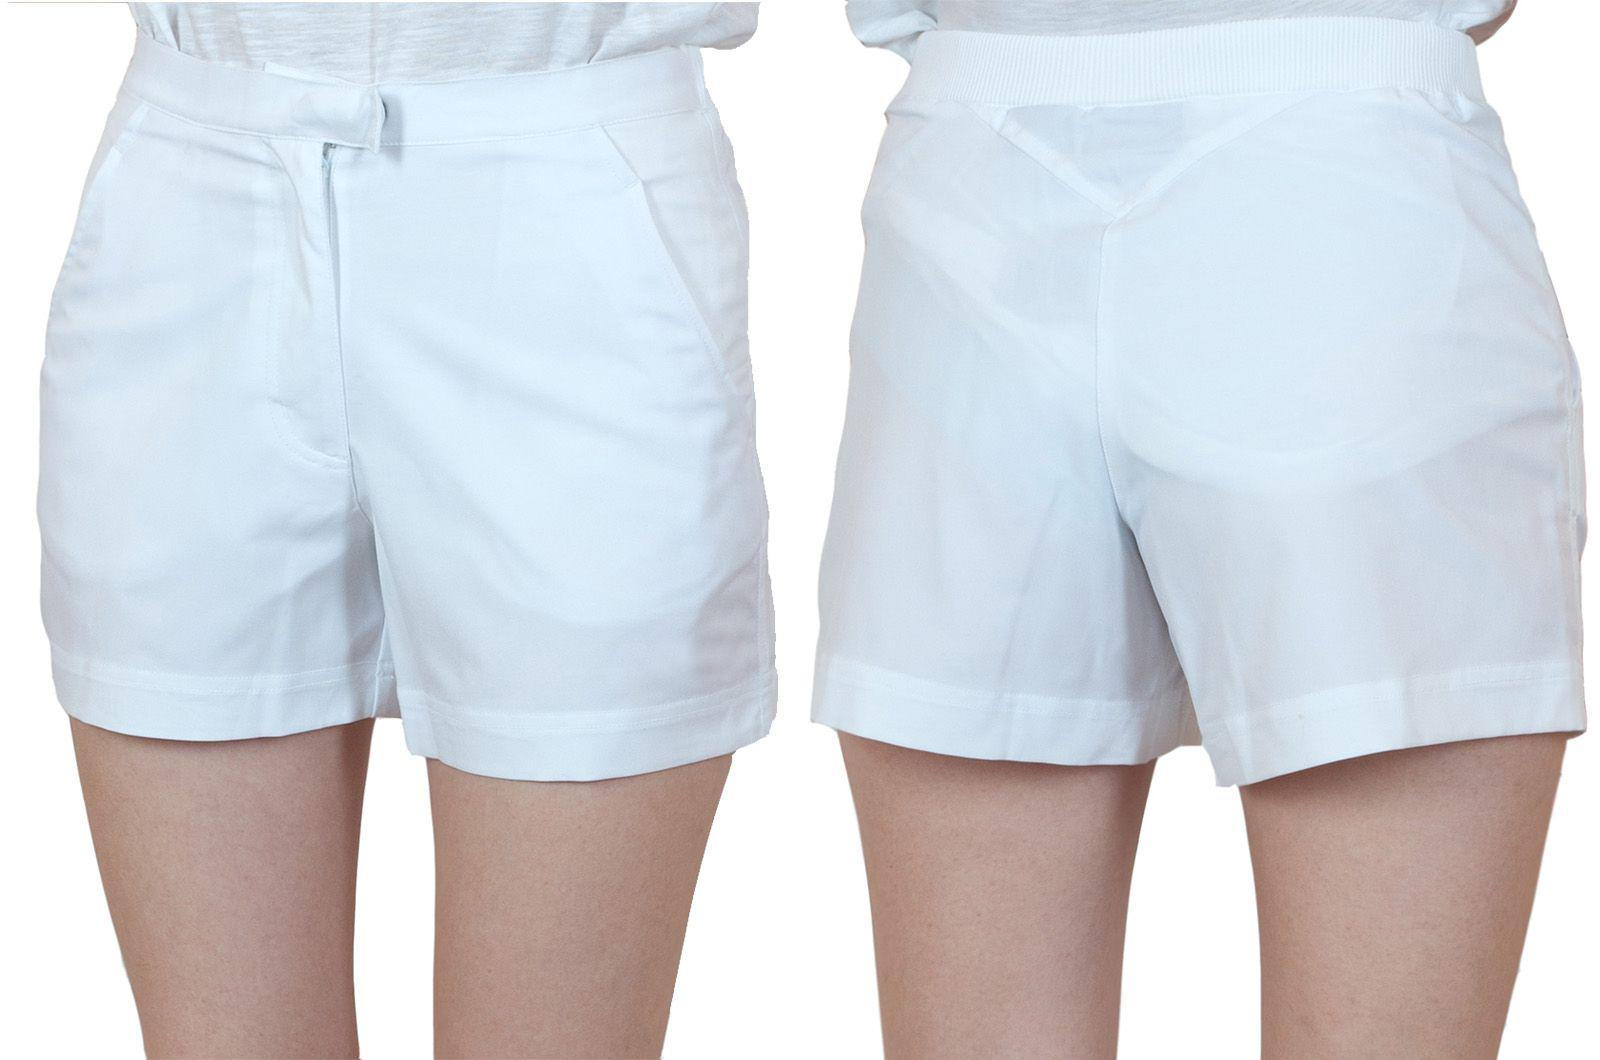 Заказать белые спортивные шортики для женщин